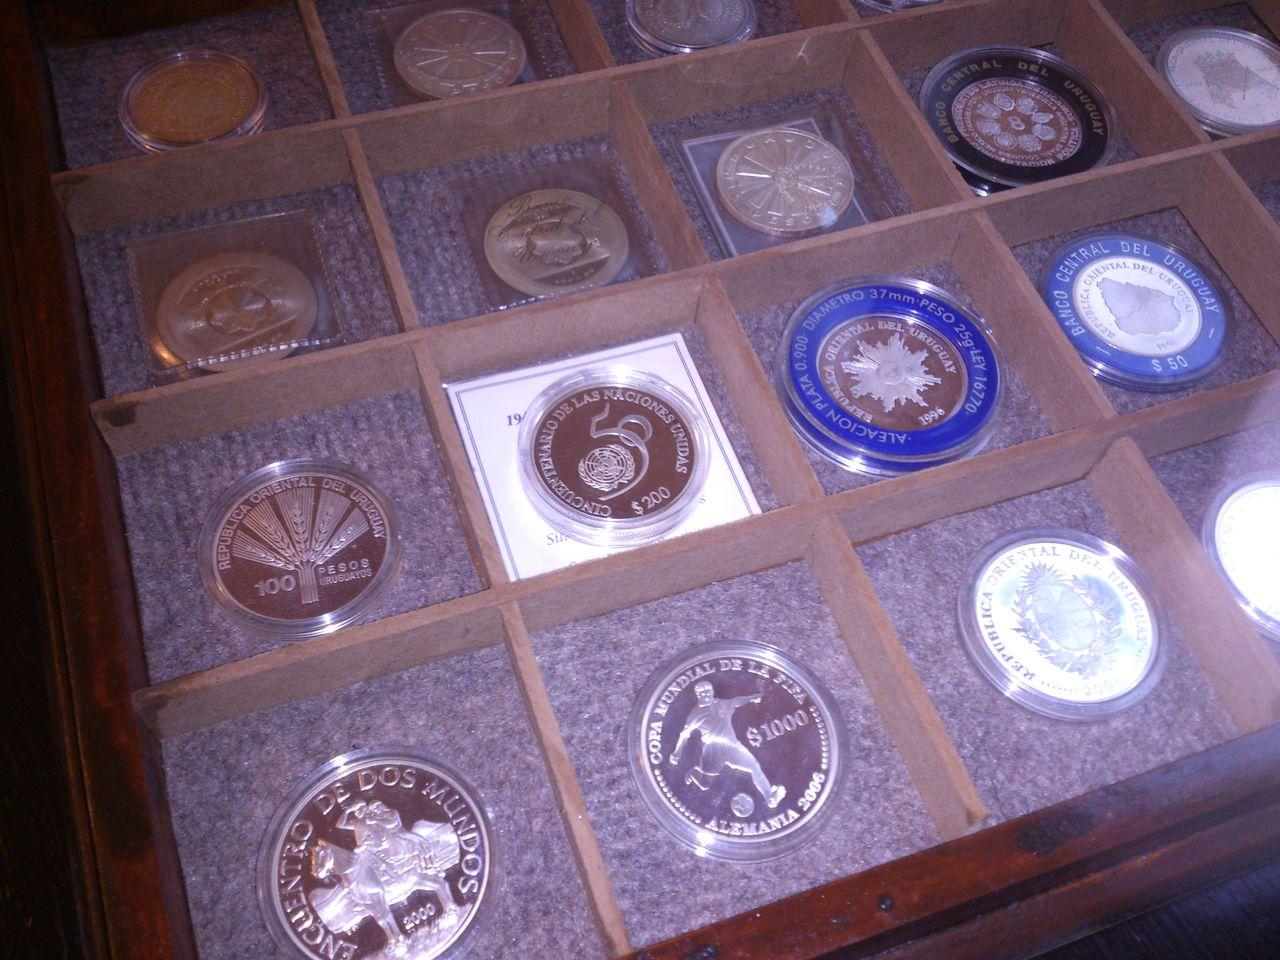 Monedas conmemorativas de Uruguay acuñadas en plata 1961 - Presente. IMG_20150905_WA0008